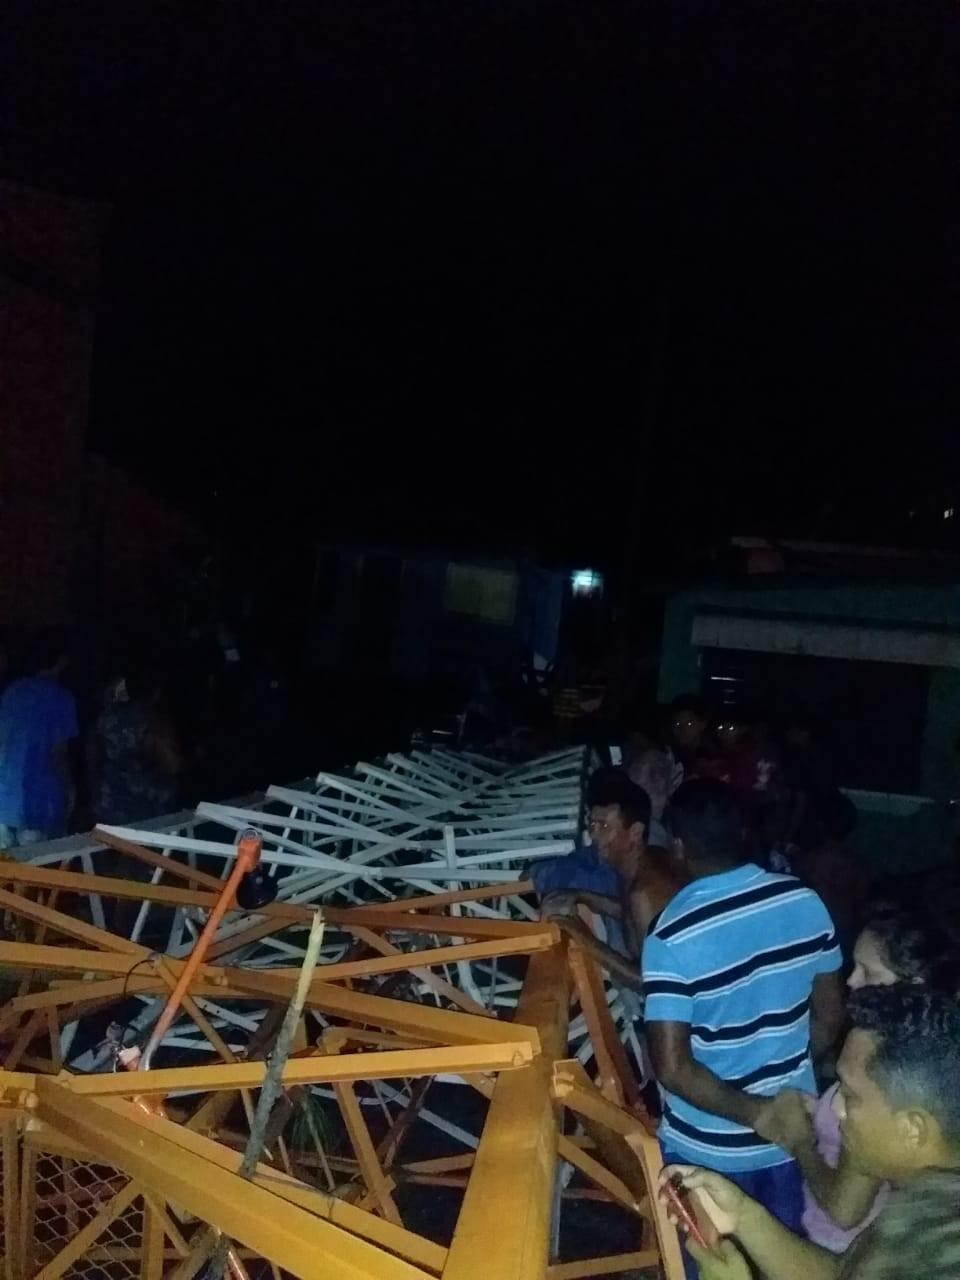 Torre de internet desaba após forte chuva em Curralinho, na Ilha do Marajó